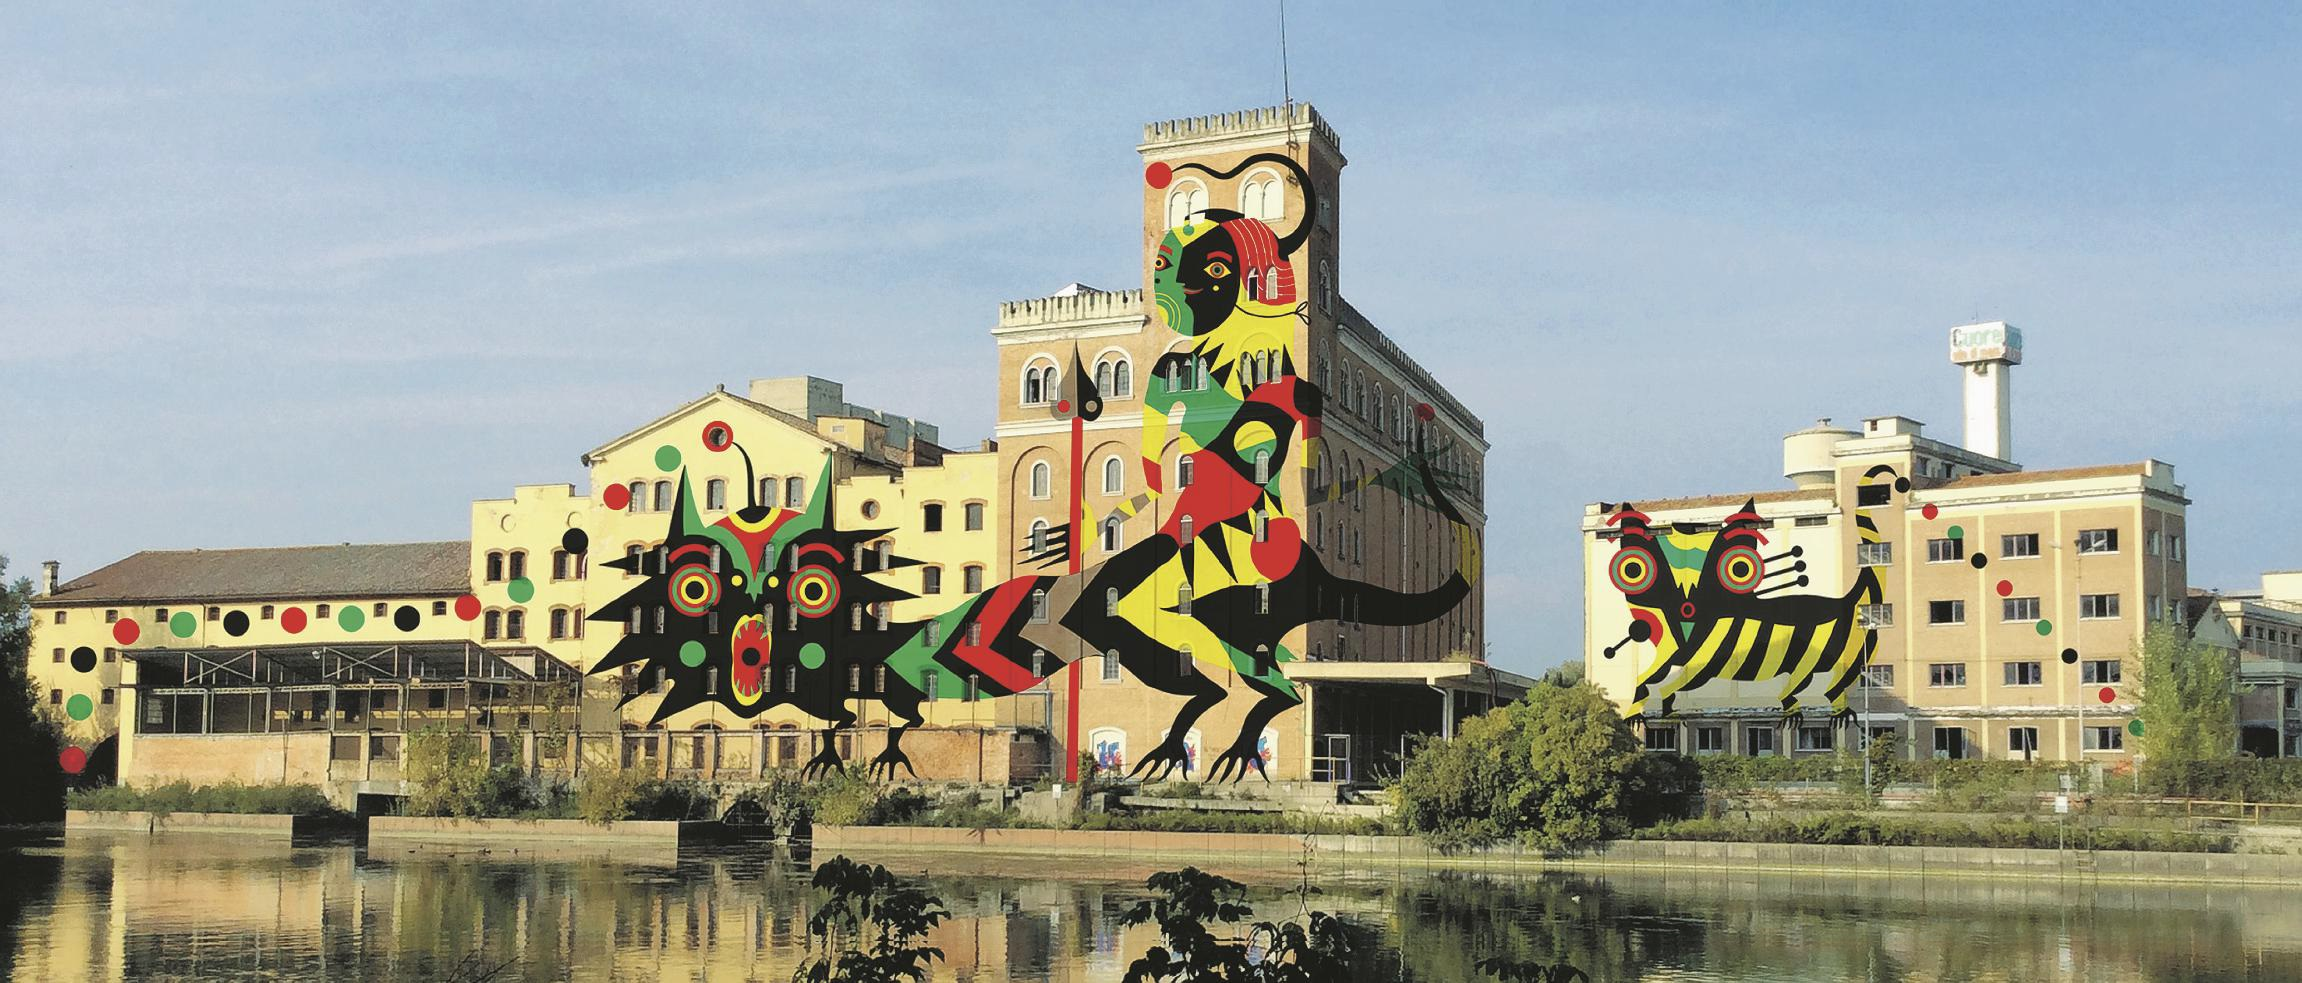 DOPO.  (Bozzetto di Giovanna Pistone)  Treviso, la fabbrica di Silea  Sul numero de Il Fatto Quotidiano di lunedì 17/11/2014